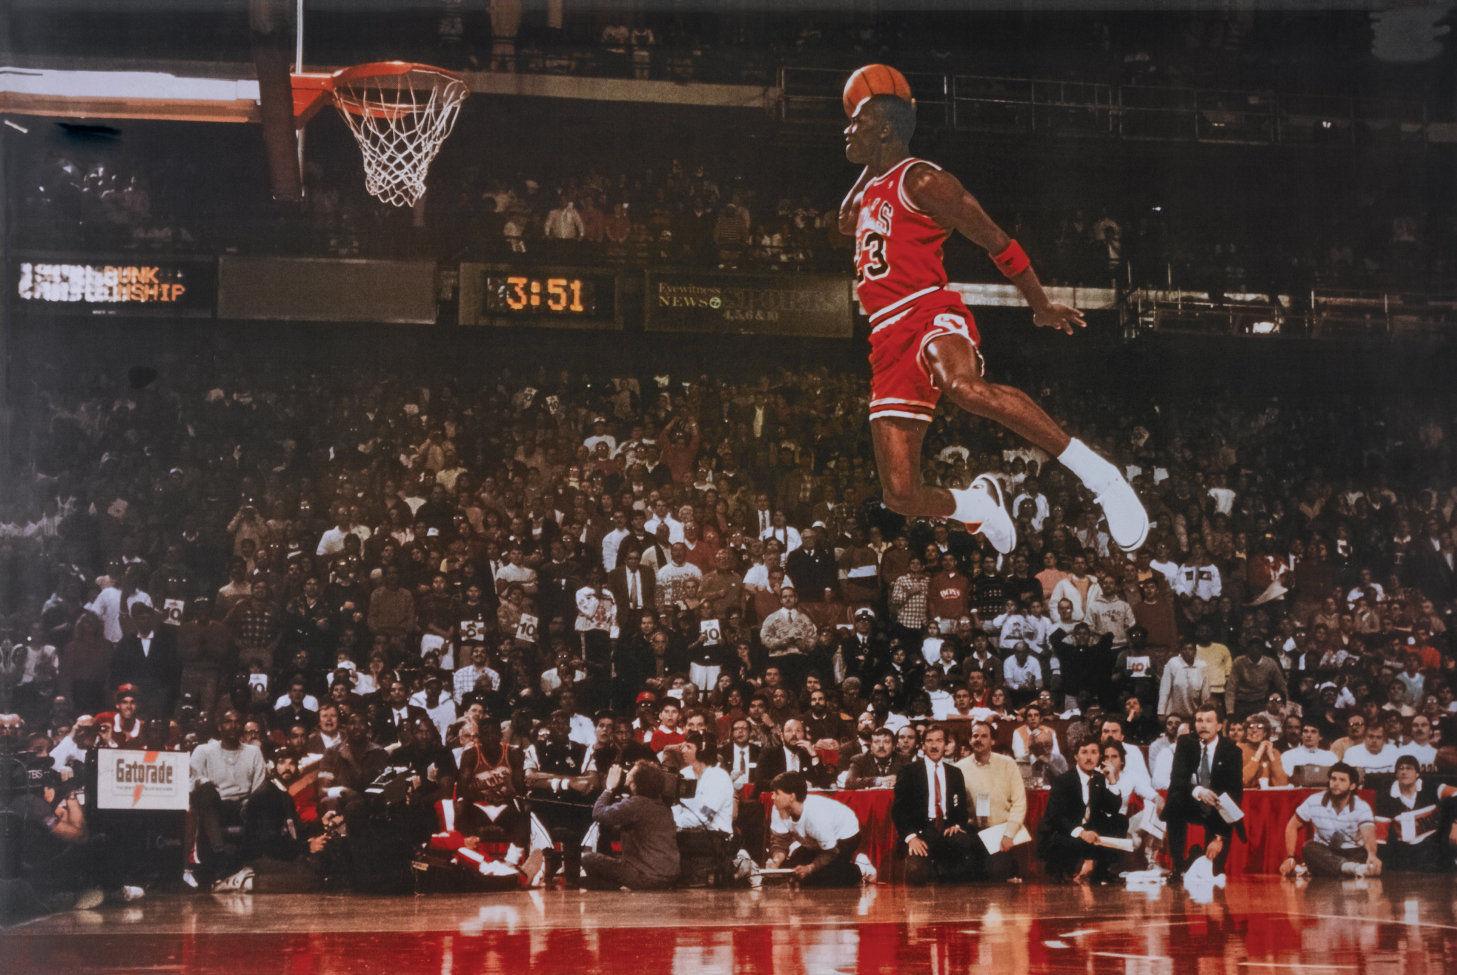 Empezamos por una fácil, además del número 23, ¿qué otro número llevó Michael Jordan?